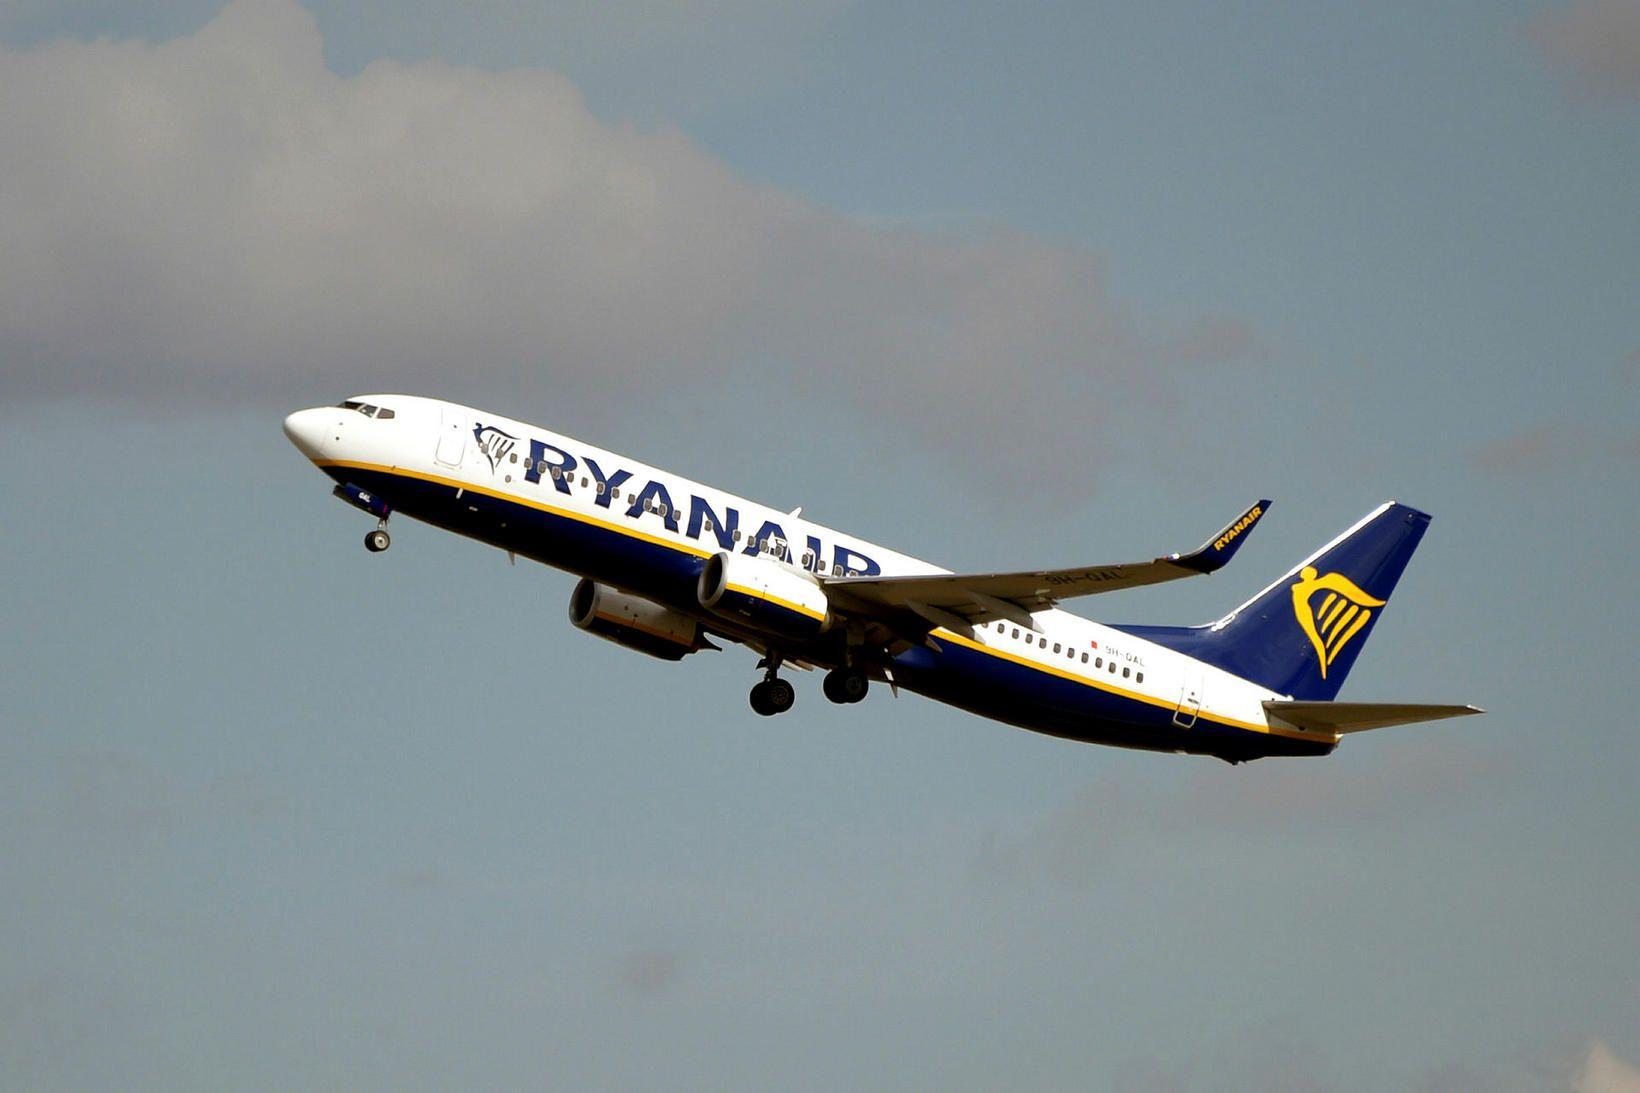 Samkvæmt skilmálum Ryanair mega farþegar aðeins taka með sér handfarangur …